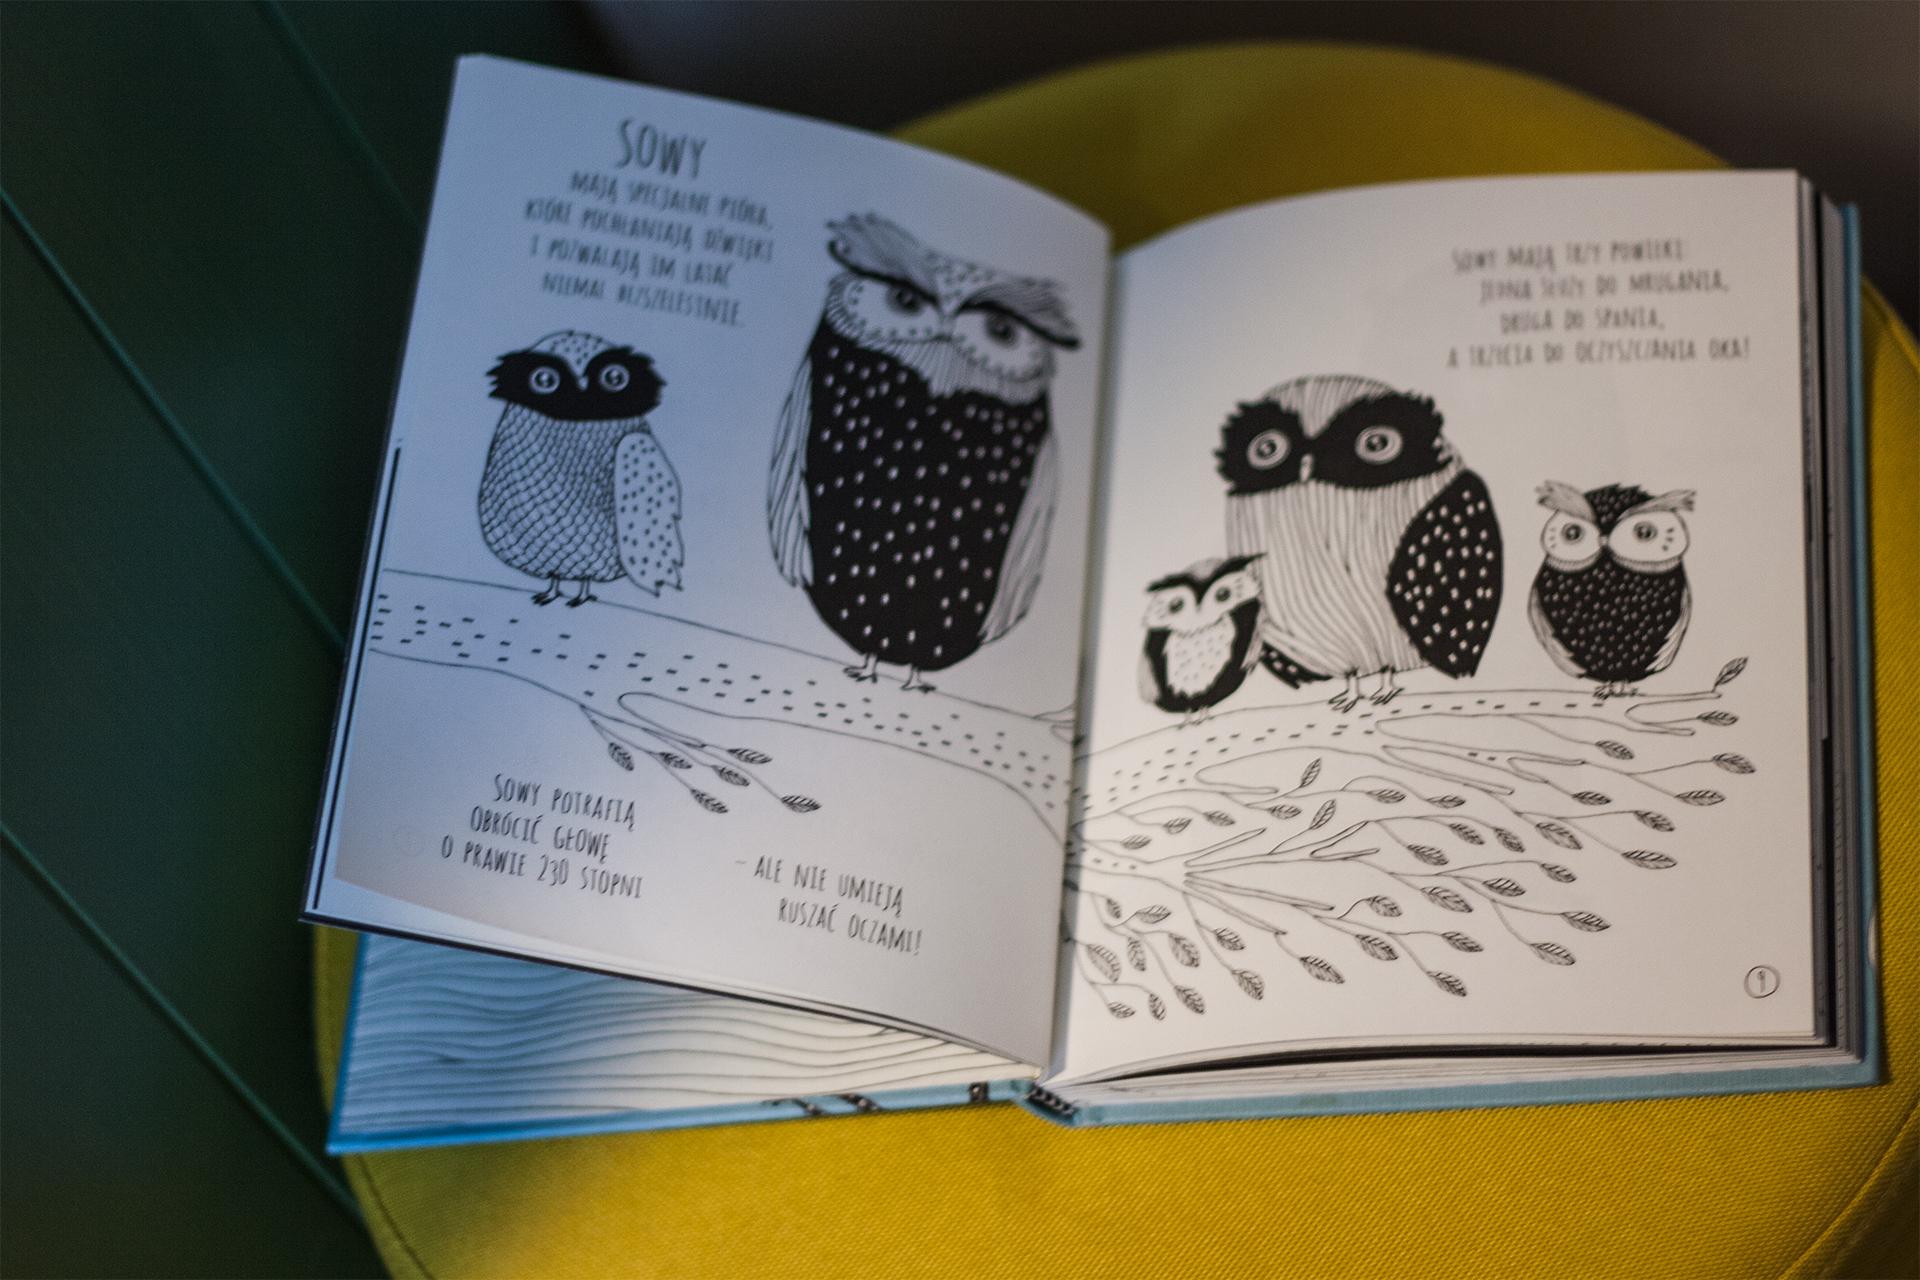 zwierza2 - Nasze ulubione książki o zwierzętach